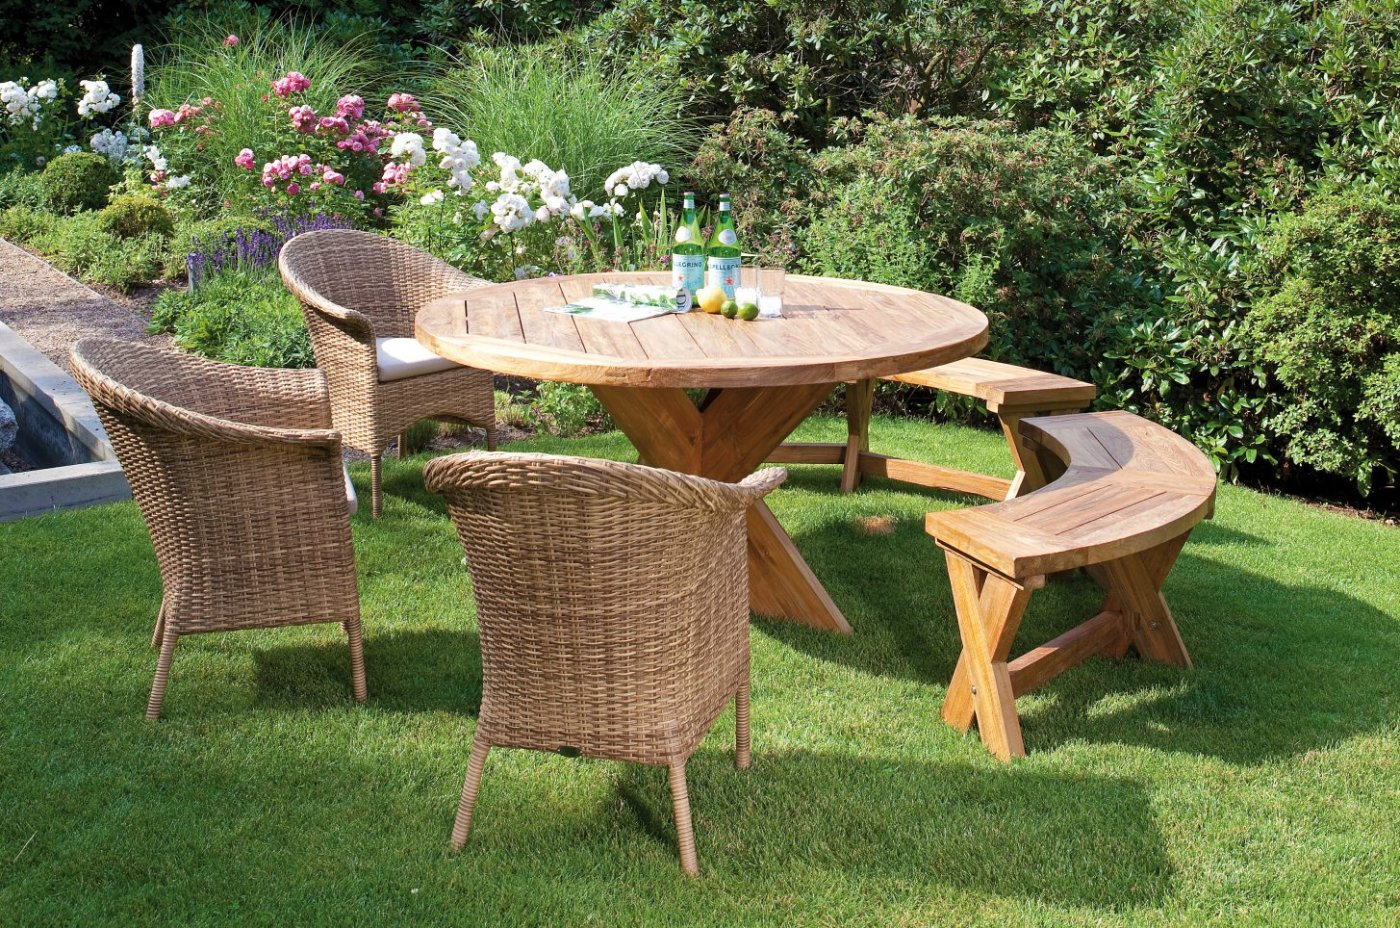 Rattan Gartenmobel Tisch Und Stuhle : Lounge Möbel Garten Lounge möbel garten preisvergleich billiger